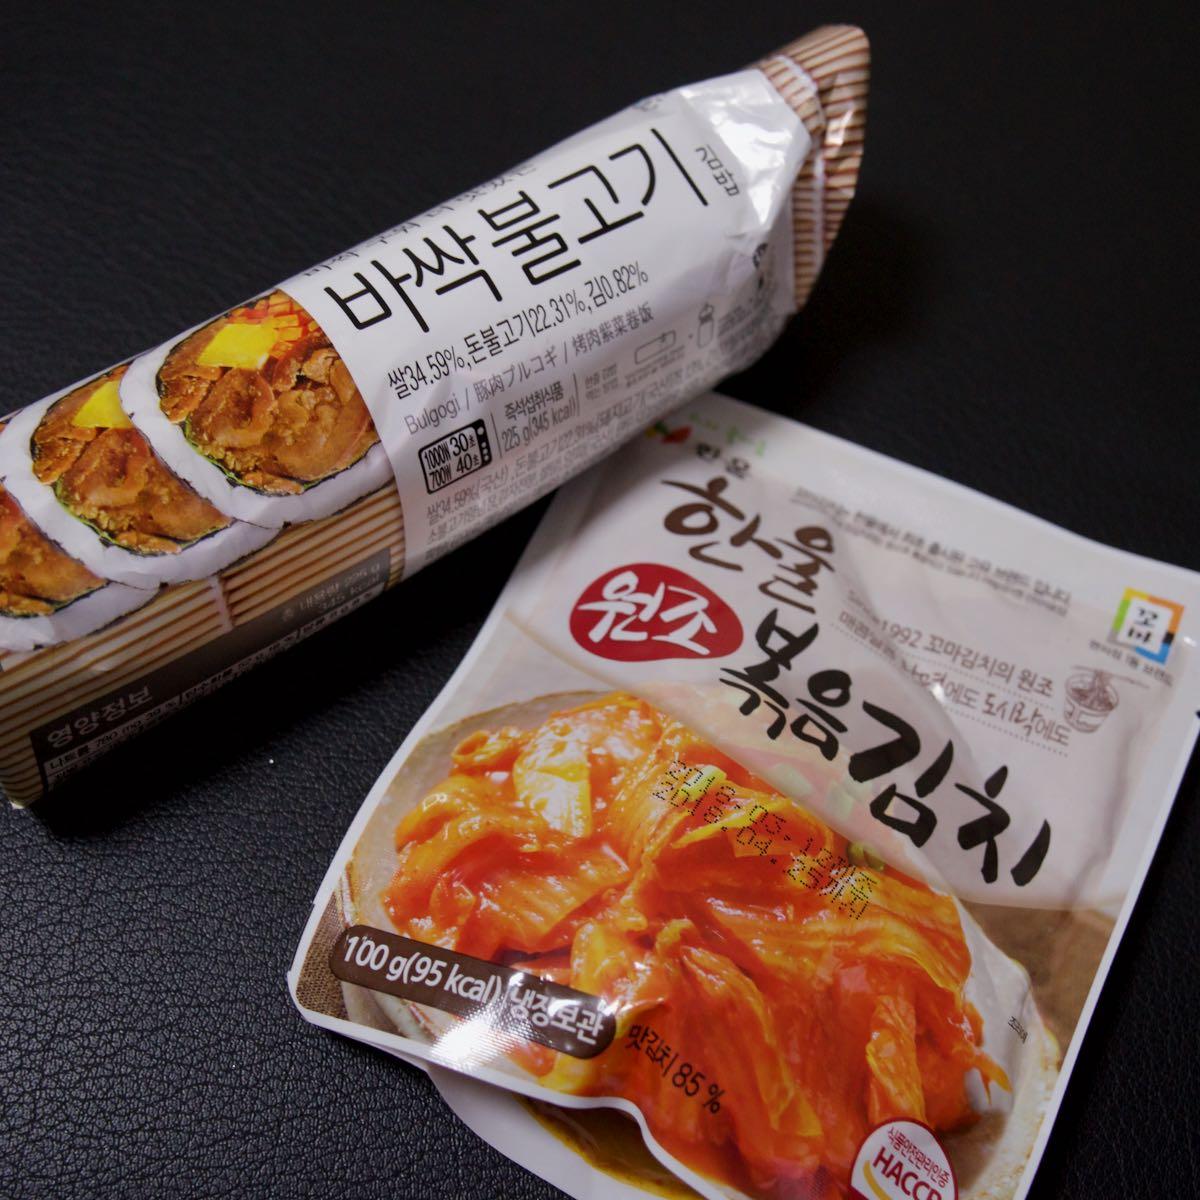 今夜の飯 プルコギ巻きとキムチ320円 DMC-GX8 + LEICA DG 12-60mm